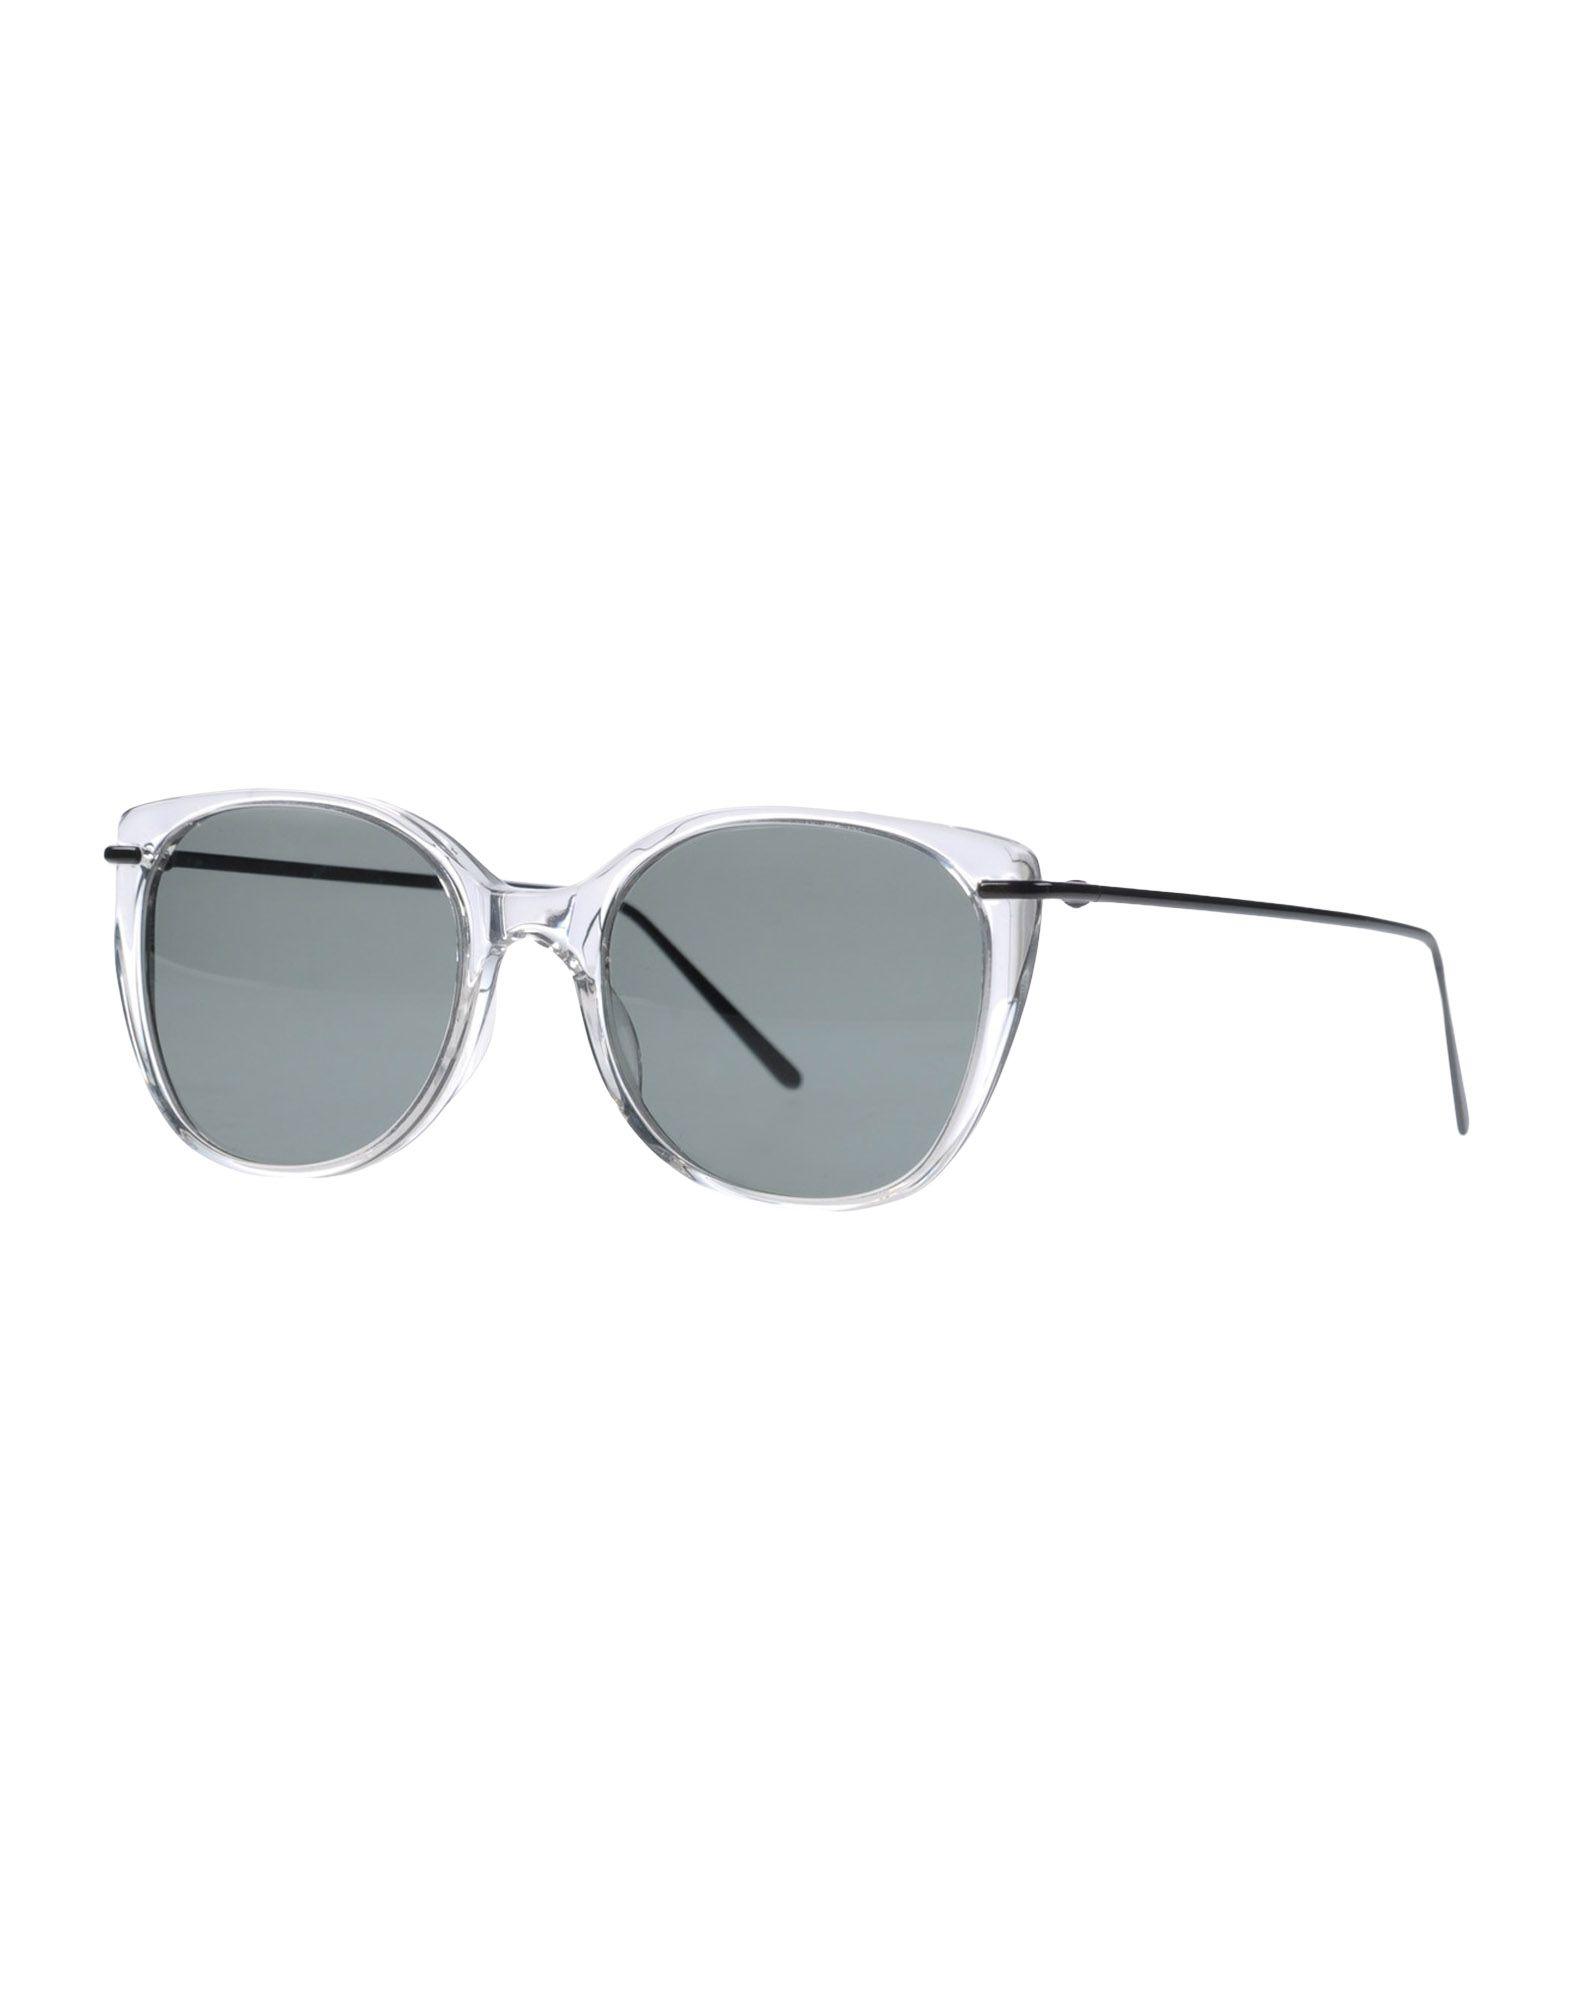 PRISM x TOGA Damen Sonnenbrille Farbe Transparent Größe 1 - broschei